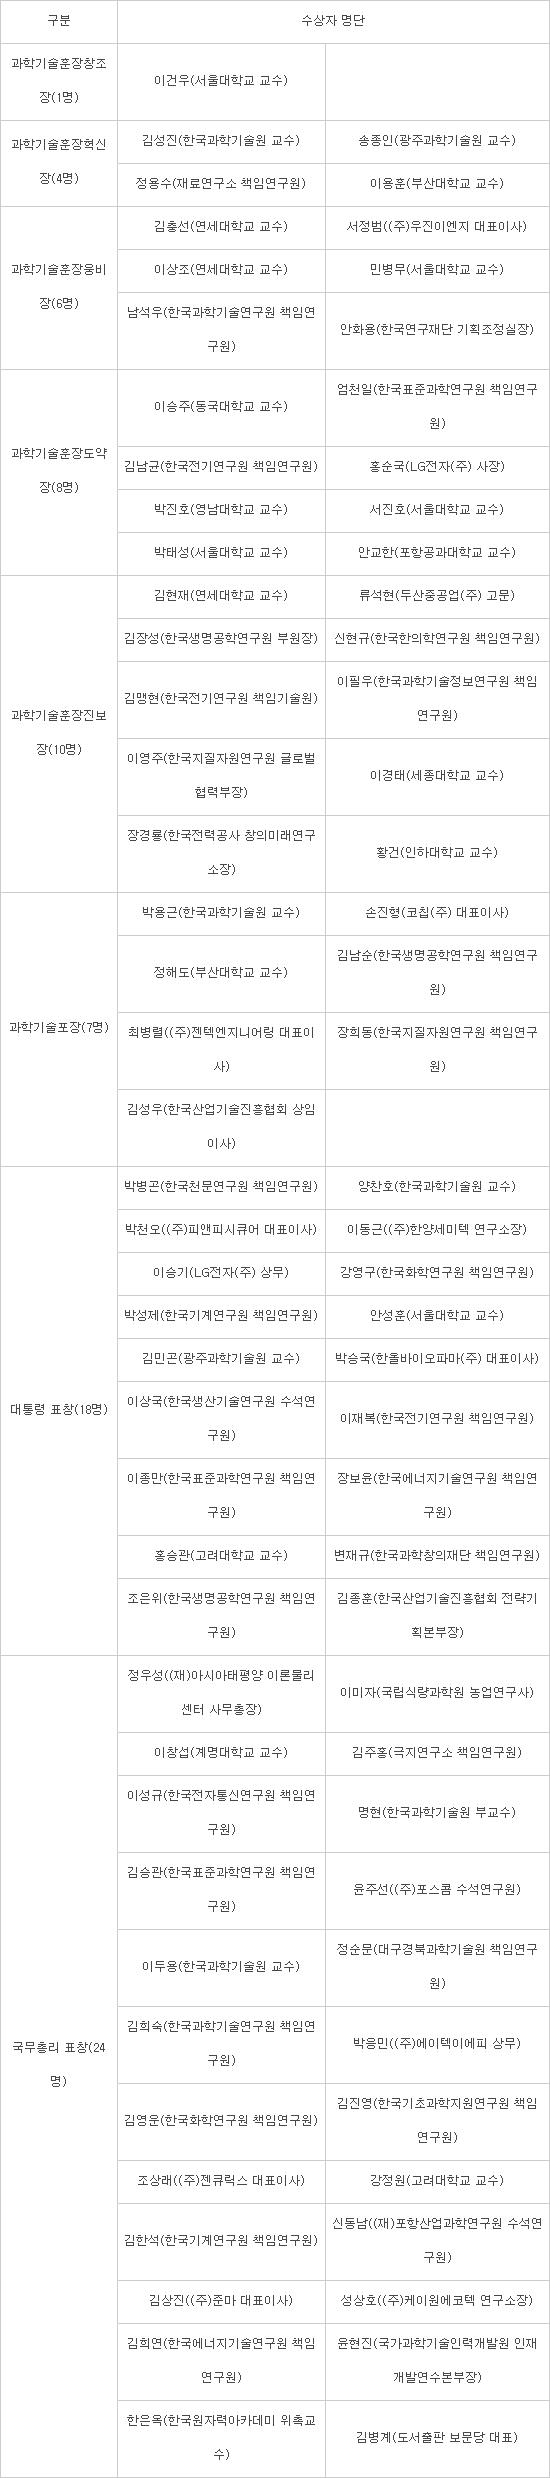 [과학·정보통신의 날]20일 국립중앙과학관서 기념식…120명 훈·포장 영예